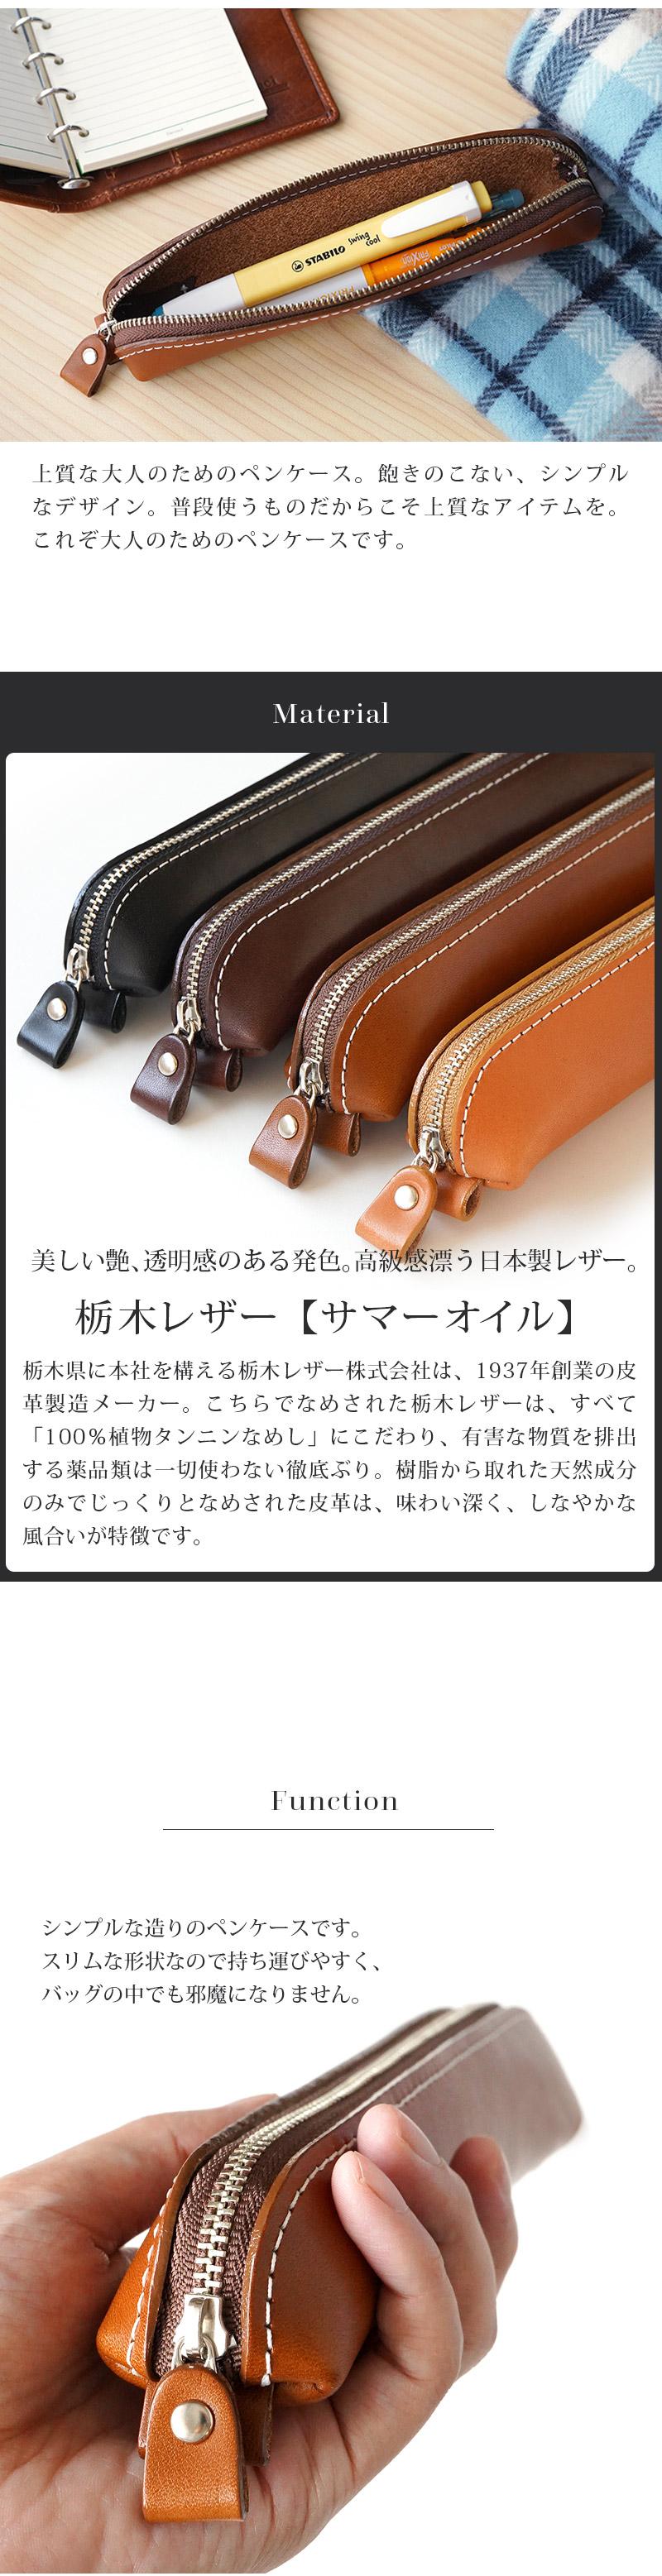 上質な、大人のためのペンケース。シンプルな造りのペンケース。スリムな形状なので持ち運びやすく、バッグの中でも邪魔になりません。